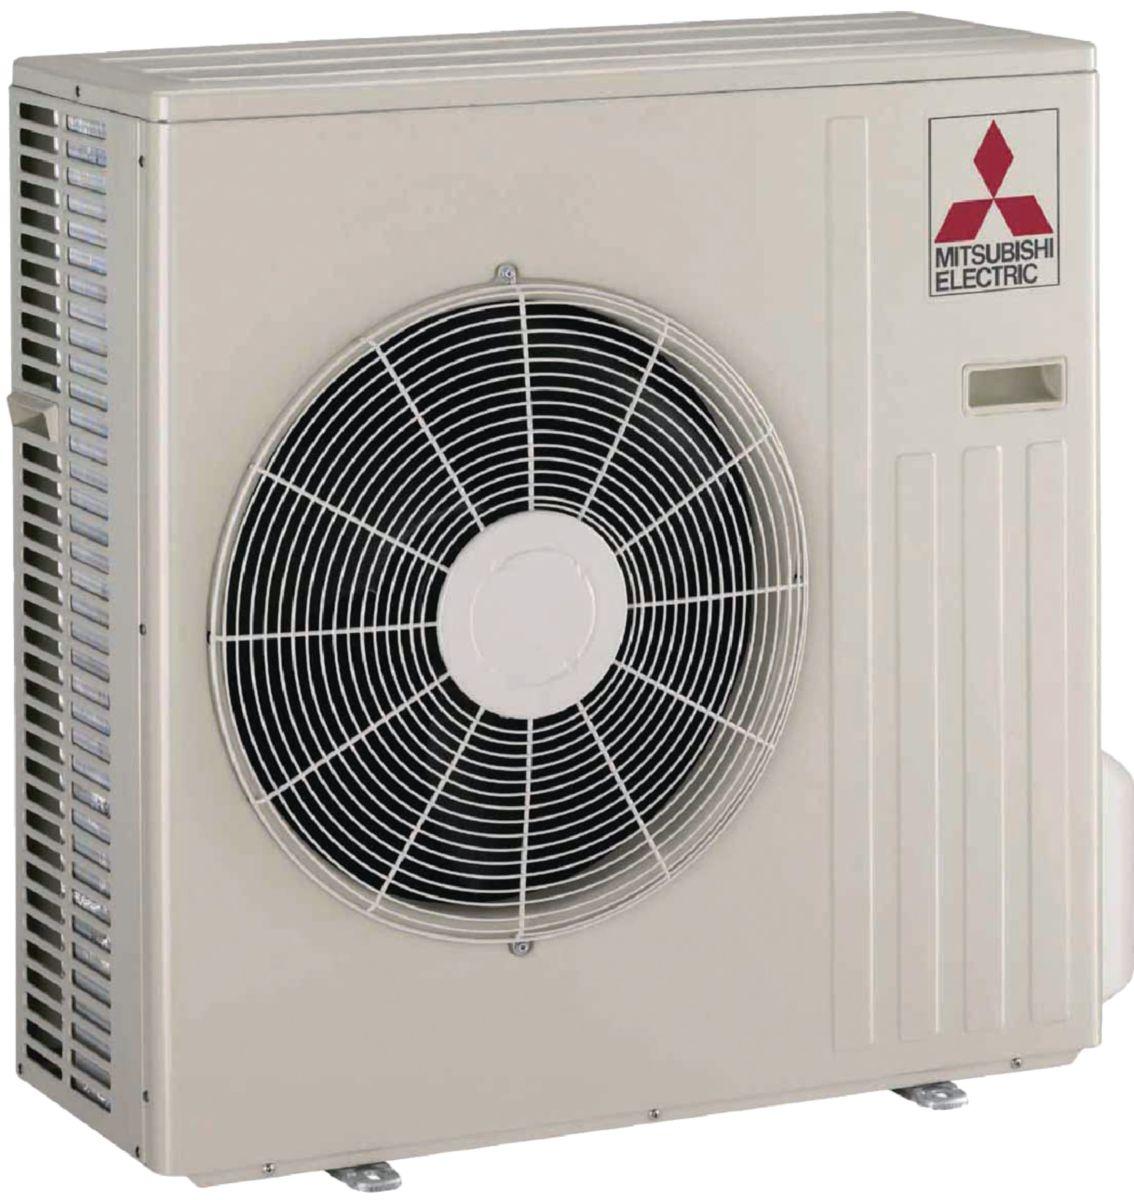 Groupe Inverter 6,0 kW froid R410A modèle SUZ-KA60VA4.TH Classe énergétique A+ réf. 268954